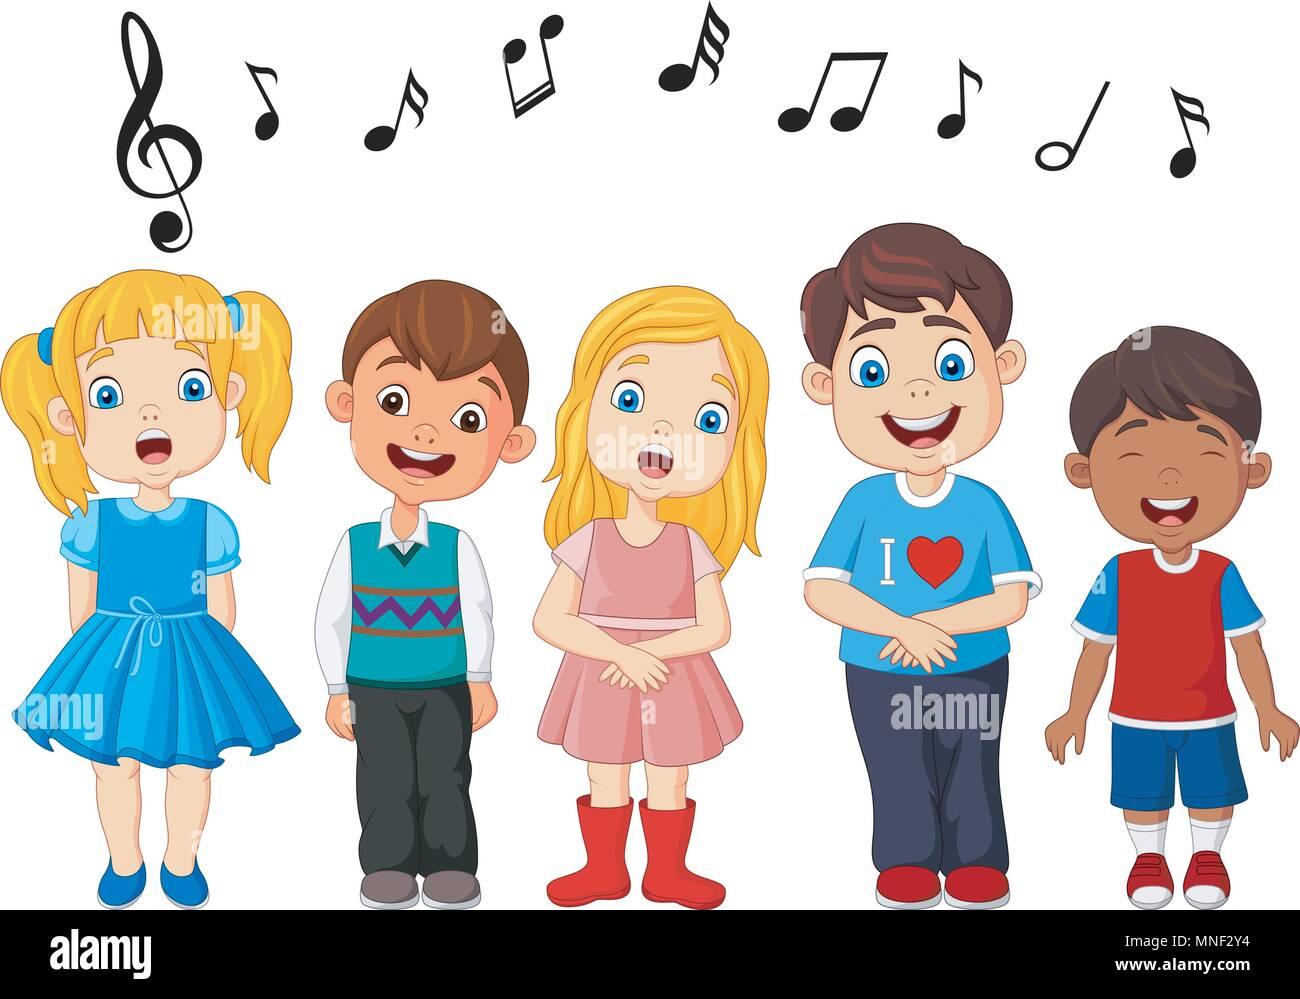 Cartoon groupe d 39 enfants chanter dans la chorale de l 39 cole vecteurs et illustration image - Dessin groupe d enfants ...